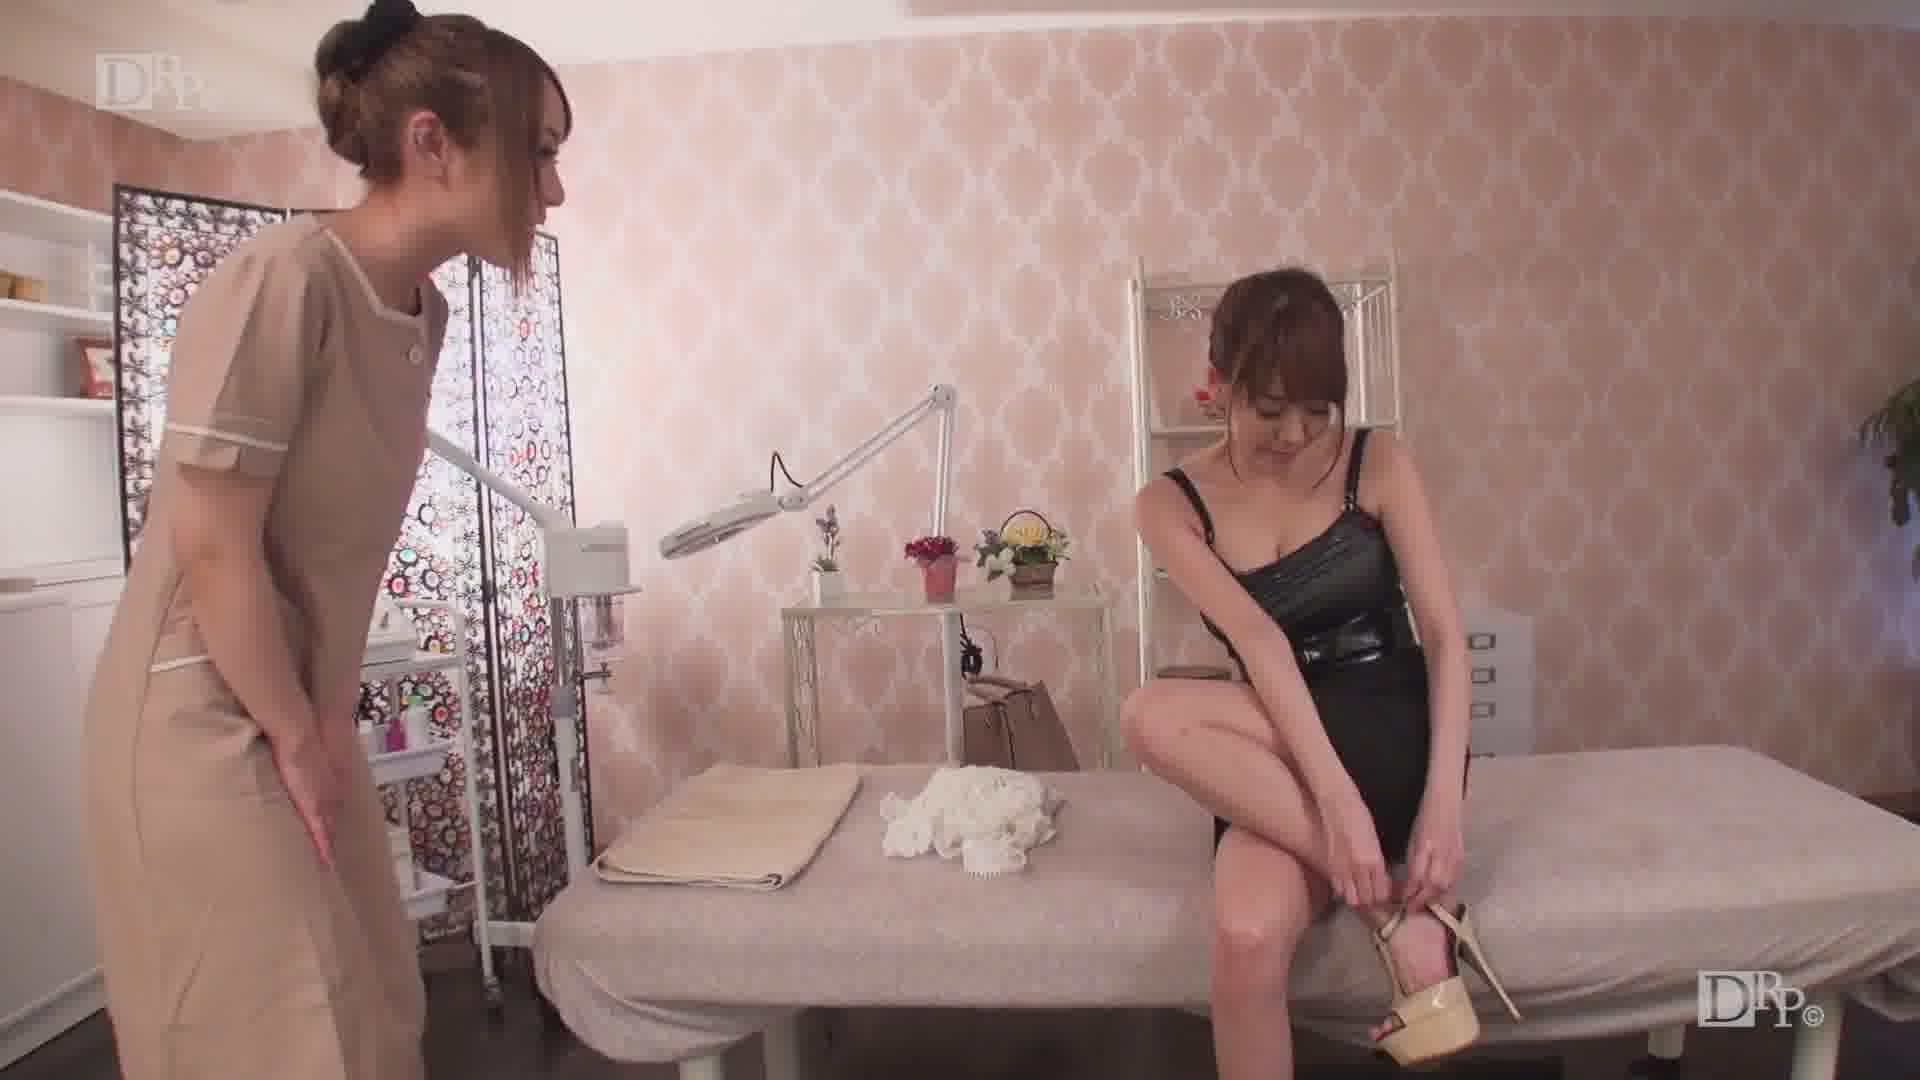 極上セレブ婦人 Vol.15 ~美しい貴婦人が若くて可愛いマッサージ師をレズの世界へ誘う~ - 真白愛梨【巨乳・痴女・レズ】